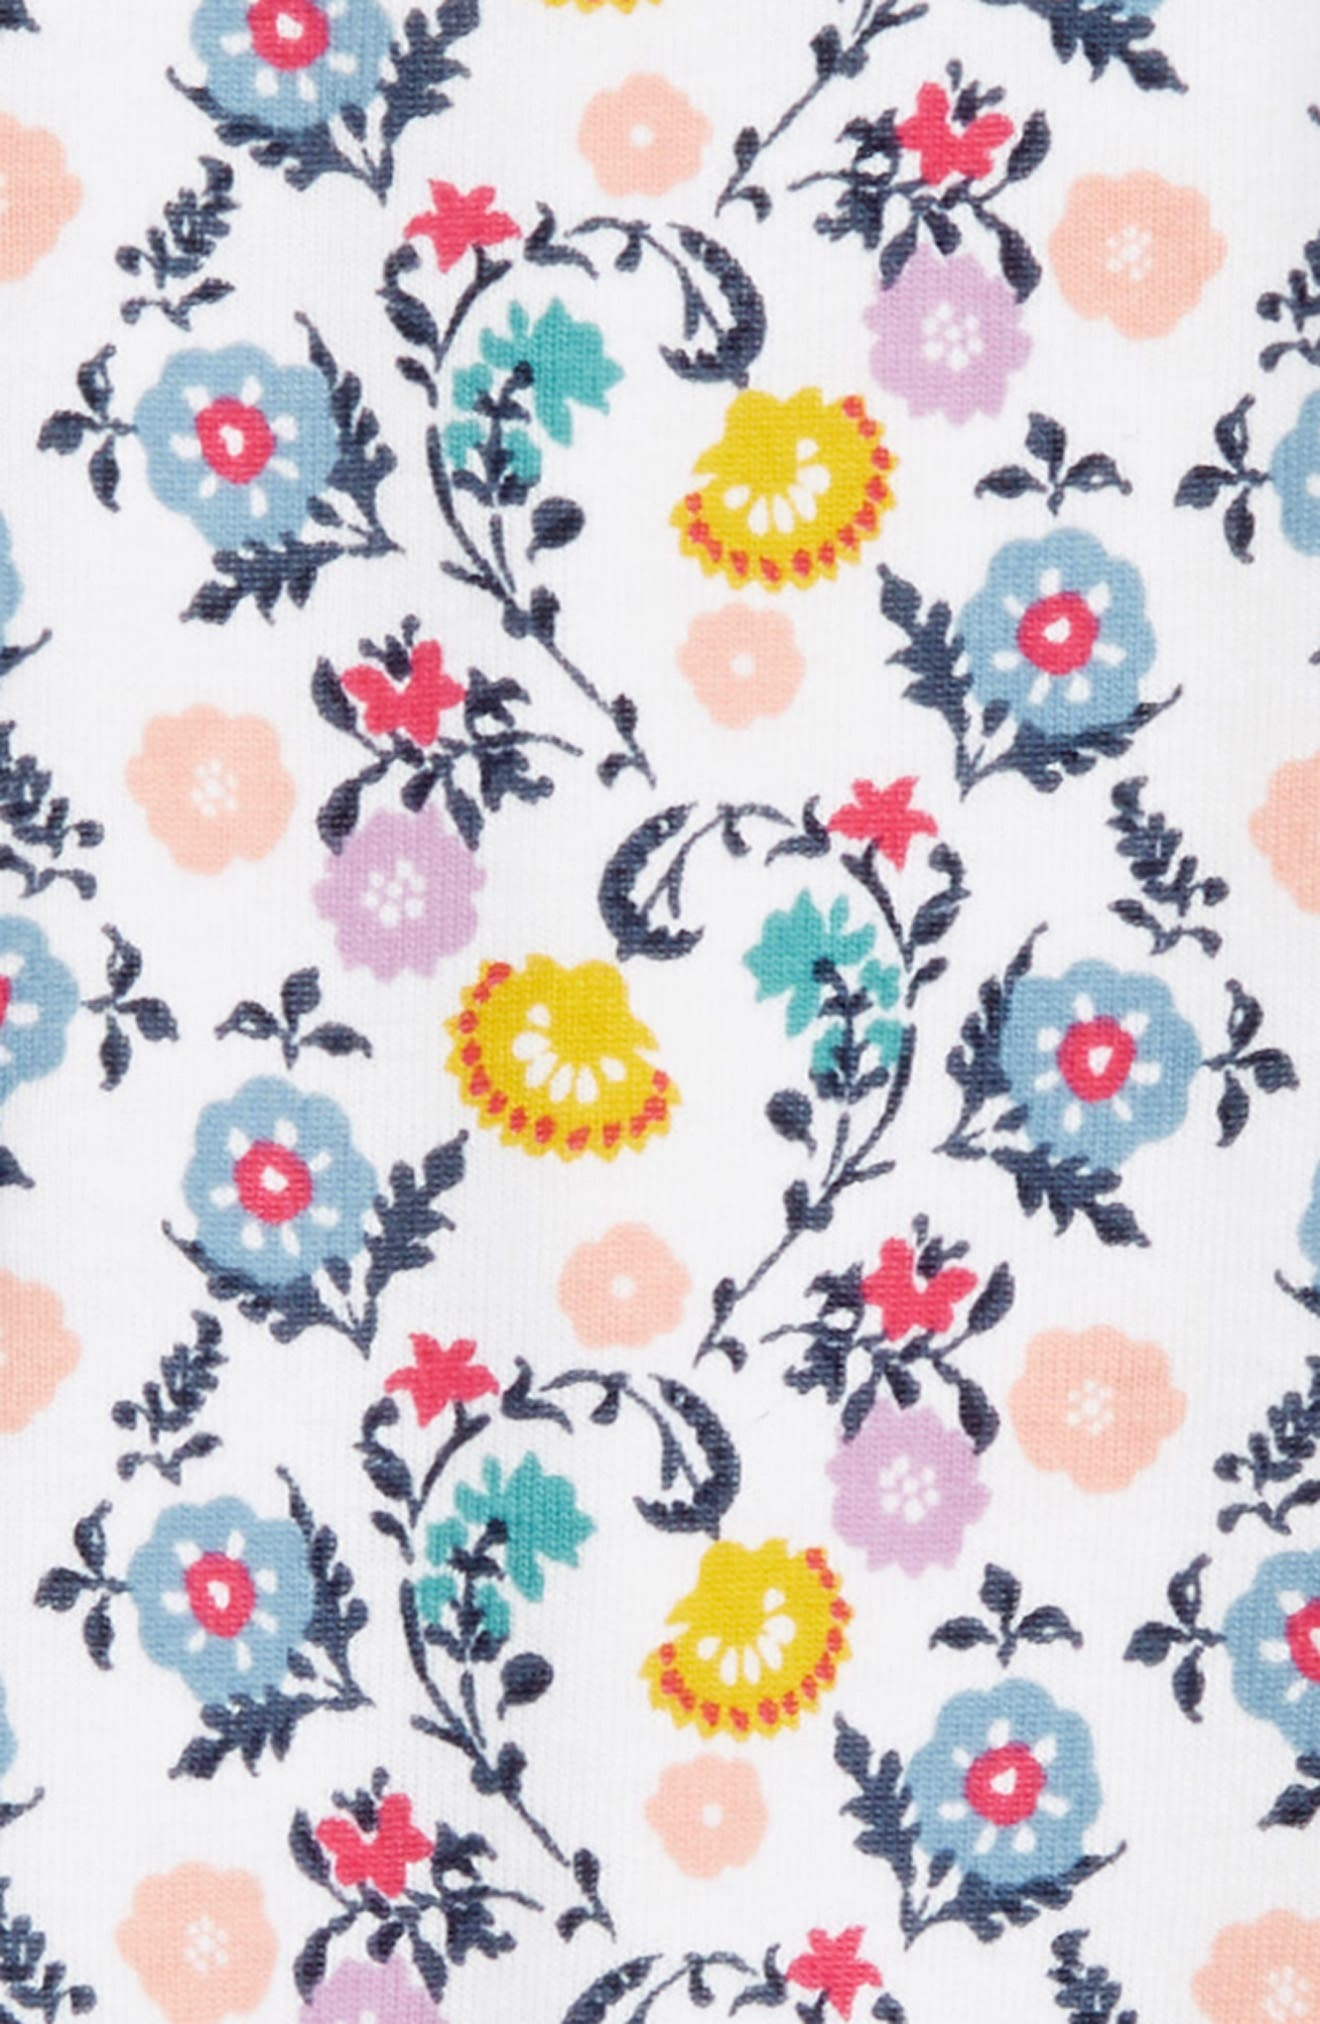 Floral Print Capri Leggings,                             Alternate thumbnail 2, color,                             WOODBLOCK DITSY